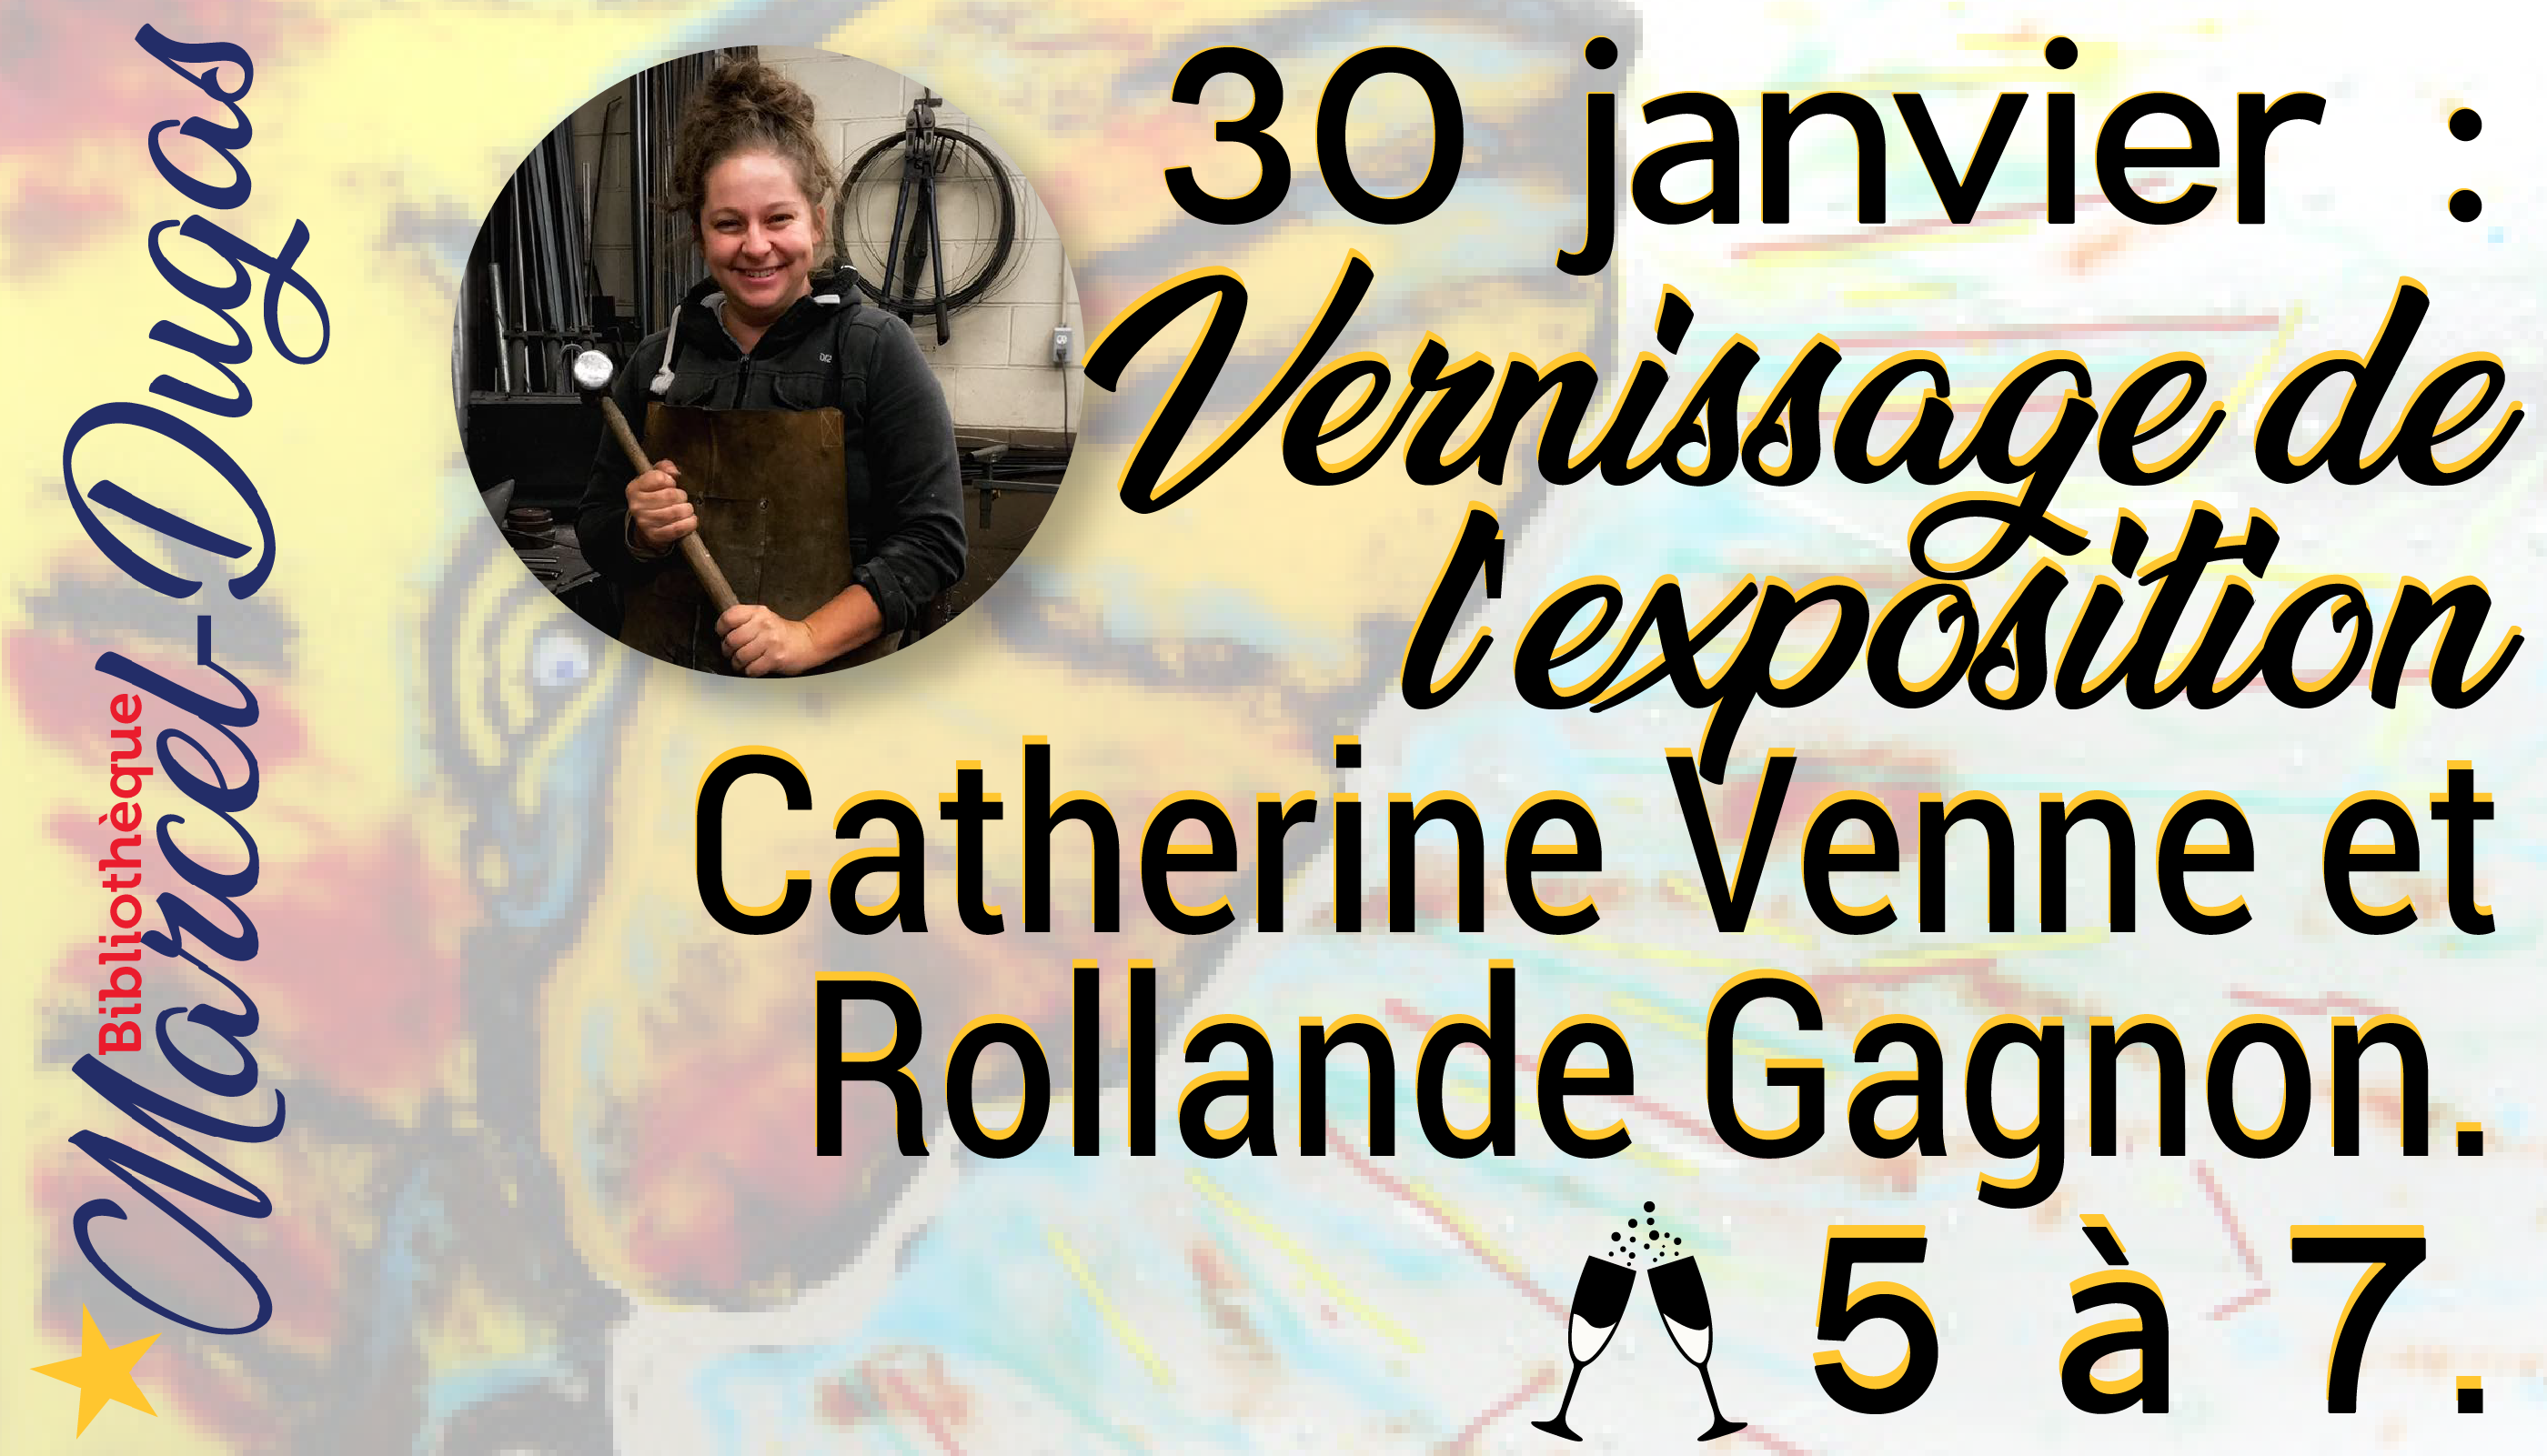 Vernissage de l'exposition de Catherine Venne et Rollande Gagnon